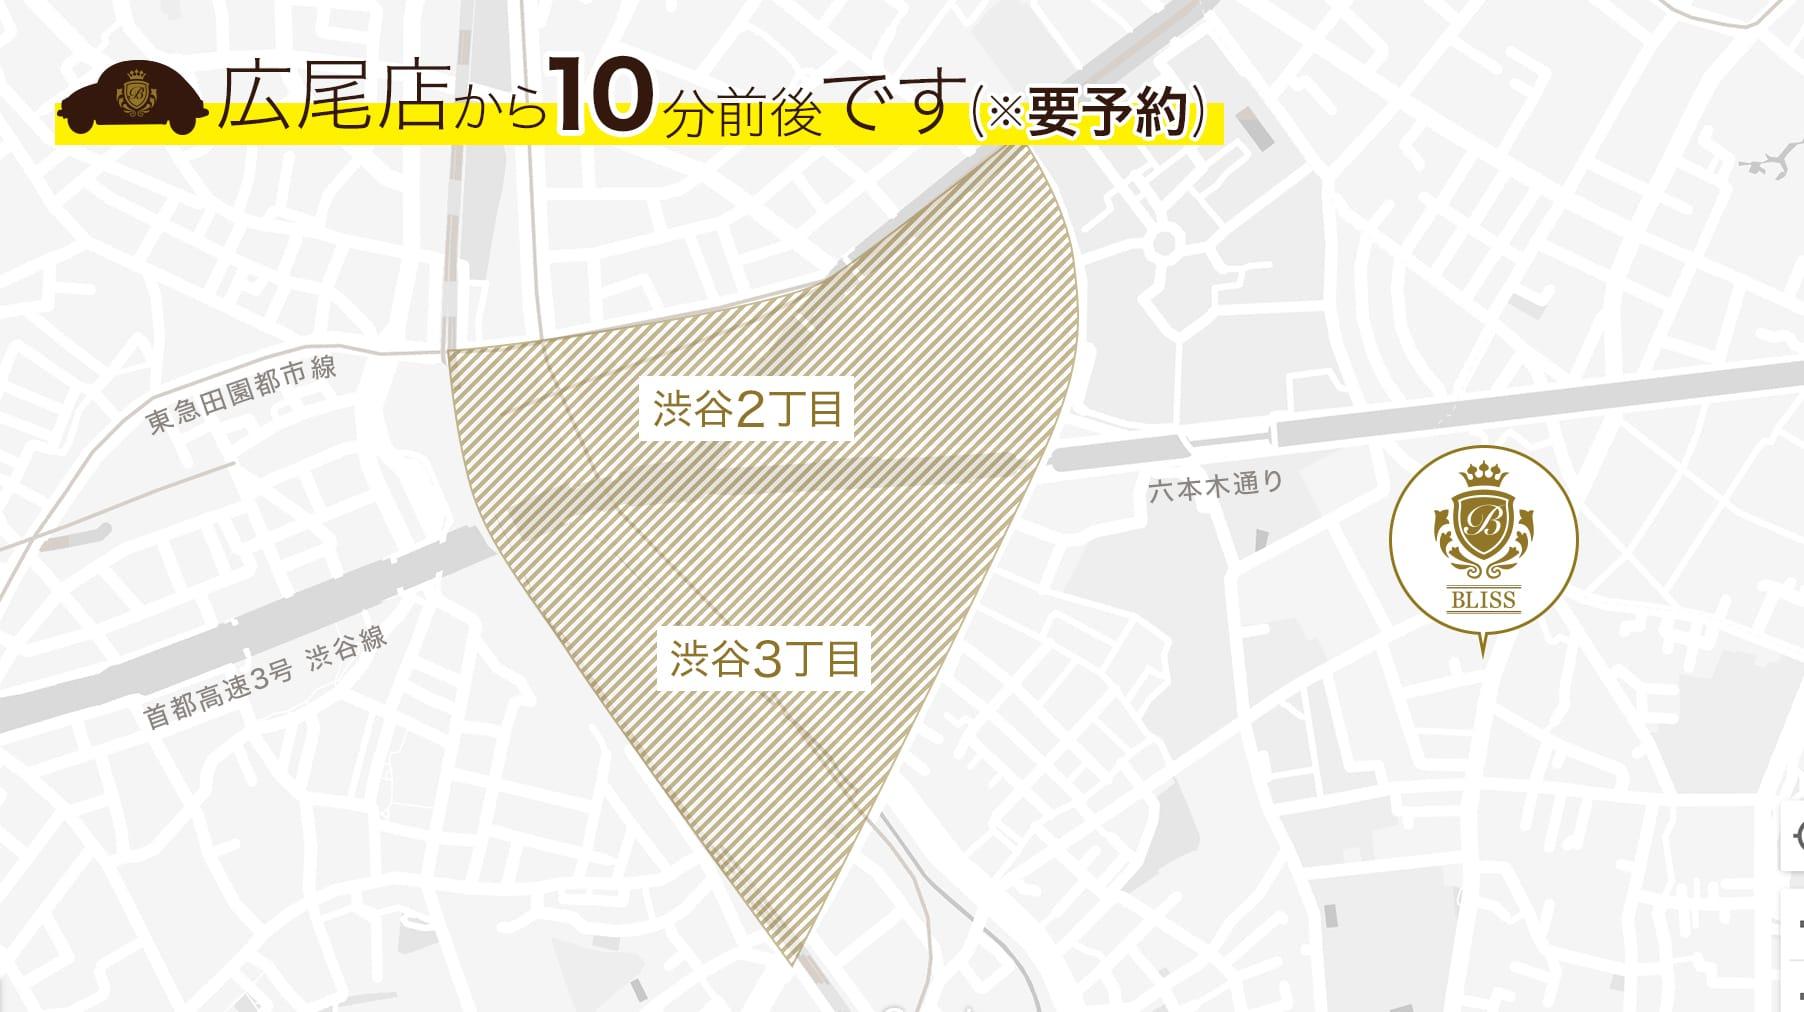 無料送迎地域【渋谷エリア】